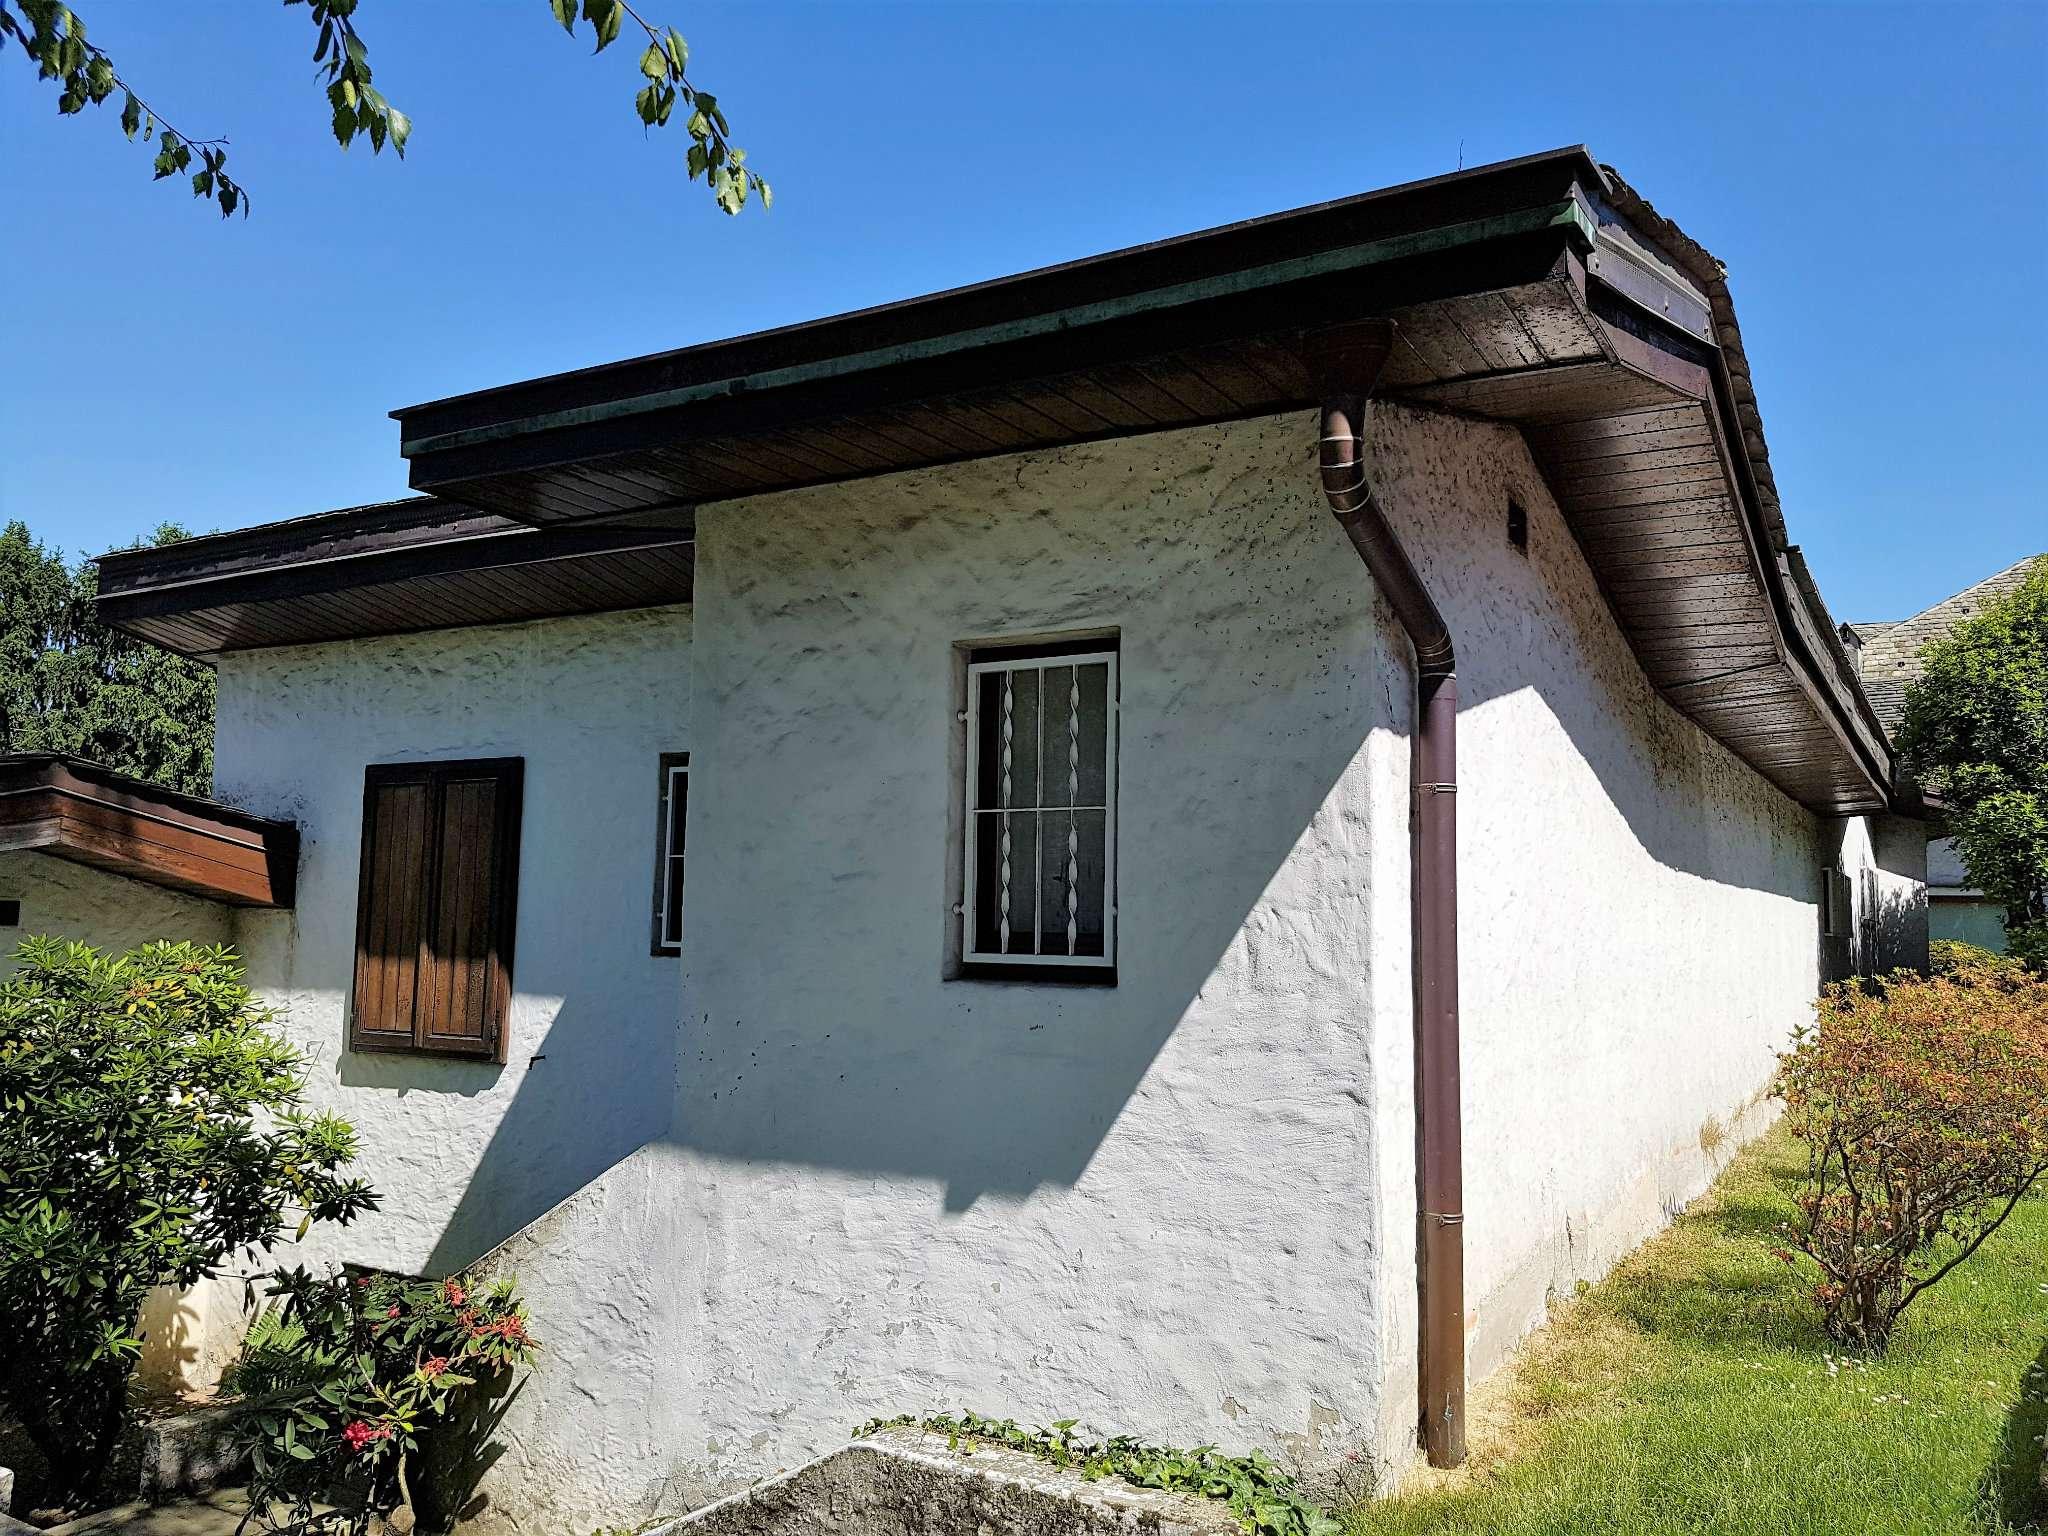 Villa in Vendita a Barlassina: 5 locali, 199 mq